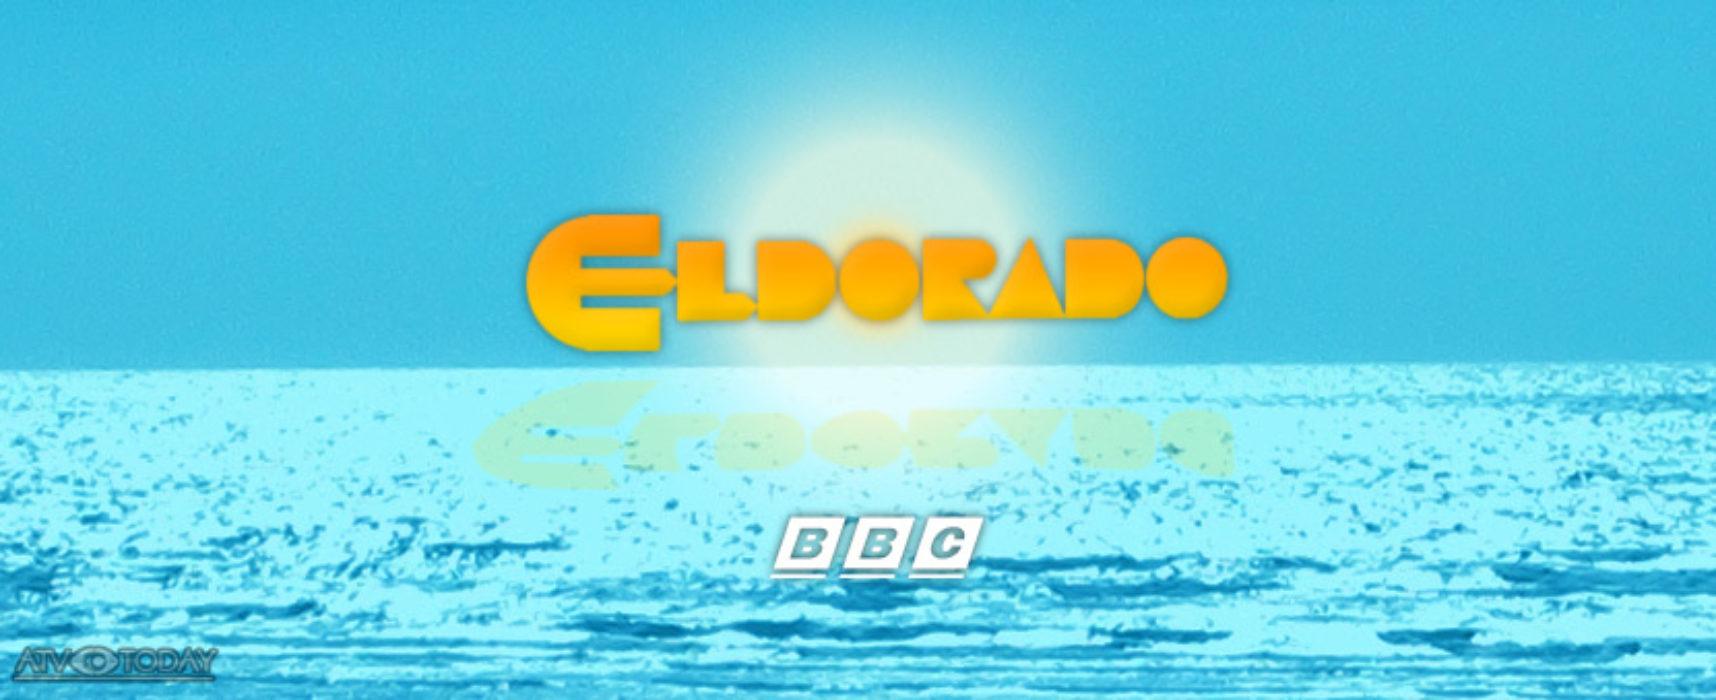 Channel 5 Eyes Eldorado Revival?